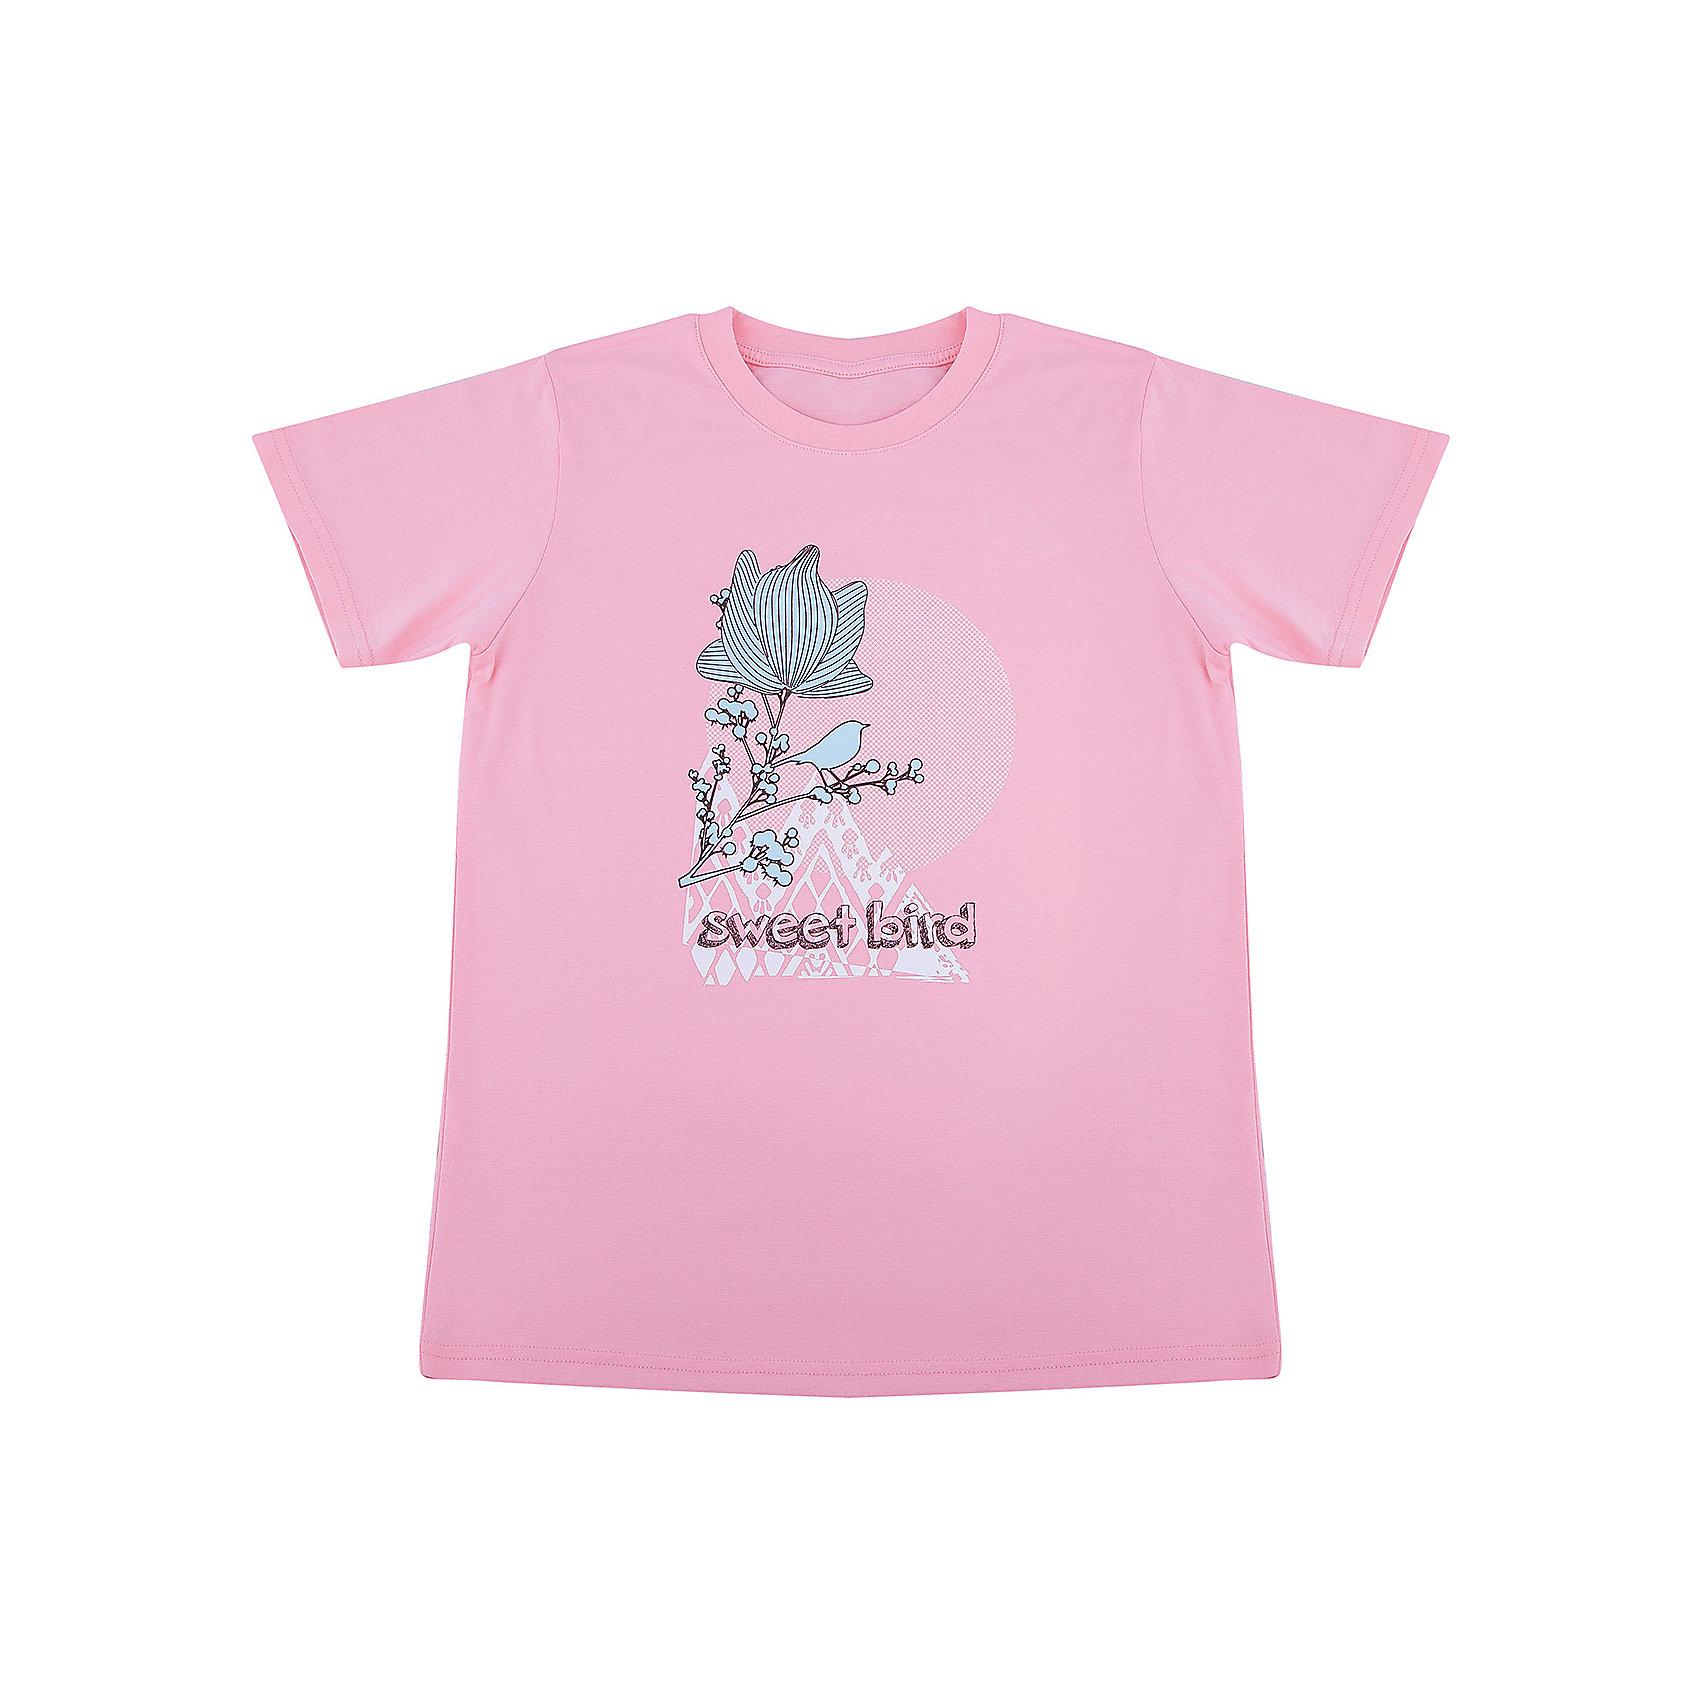 Футболка для девочки WOWФутболки, поло и топы<br>Футболка для девочки WOW<br>Незаменимой вещью в  гардеробе послужит футболка с коротким рукавом. Стильная и в тоже время комфортная модель, с яркой оригинальной печатью, будет превосходно смотреться на ребенке.<br>Состав:<br>кулирная гладь 100% хлопок<br><br>Ширина мм: 199<br>Глубина мм: 10<br>Высота мм: 161<br>Вес г: 151<br>Цвет: оранжевый<br>Возраст от месяцев: 156<br>Возраст до месяцев: 168<br>Пол: Женский<br>Возраст: Детский<br>Размер: 164,128,134,140,146,152,158<br>SKU: 6871787